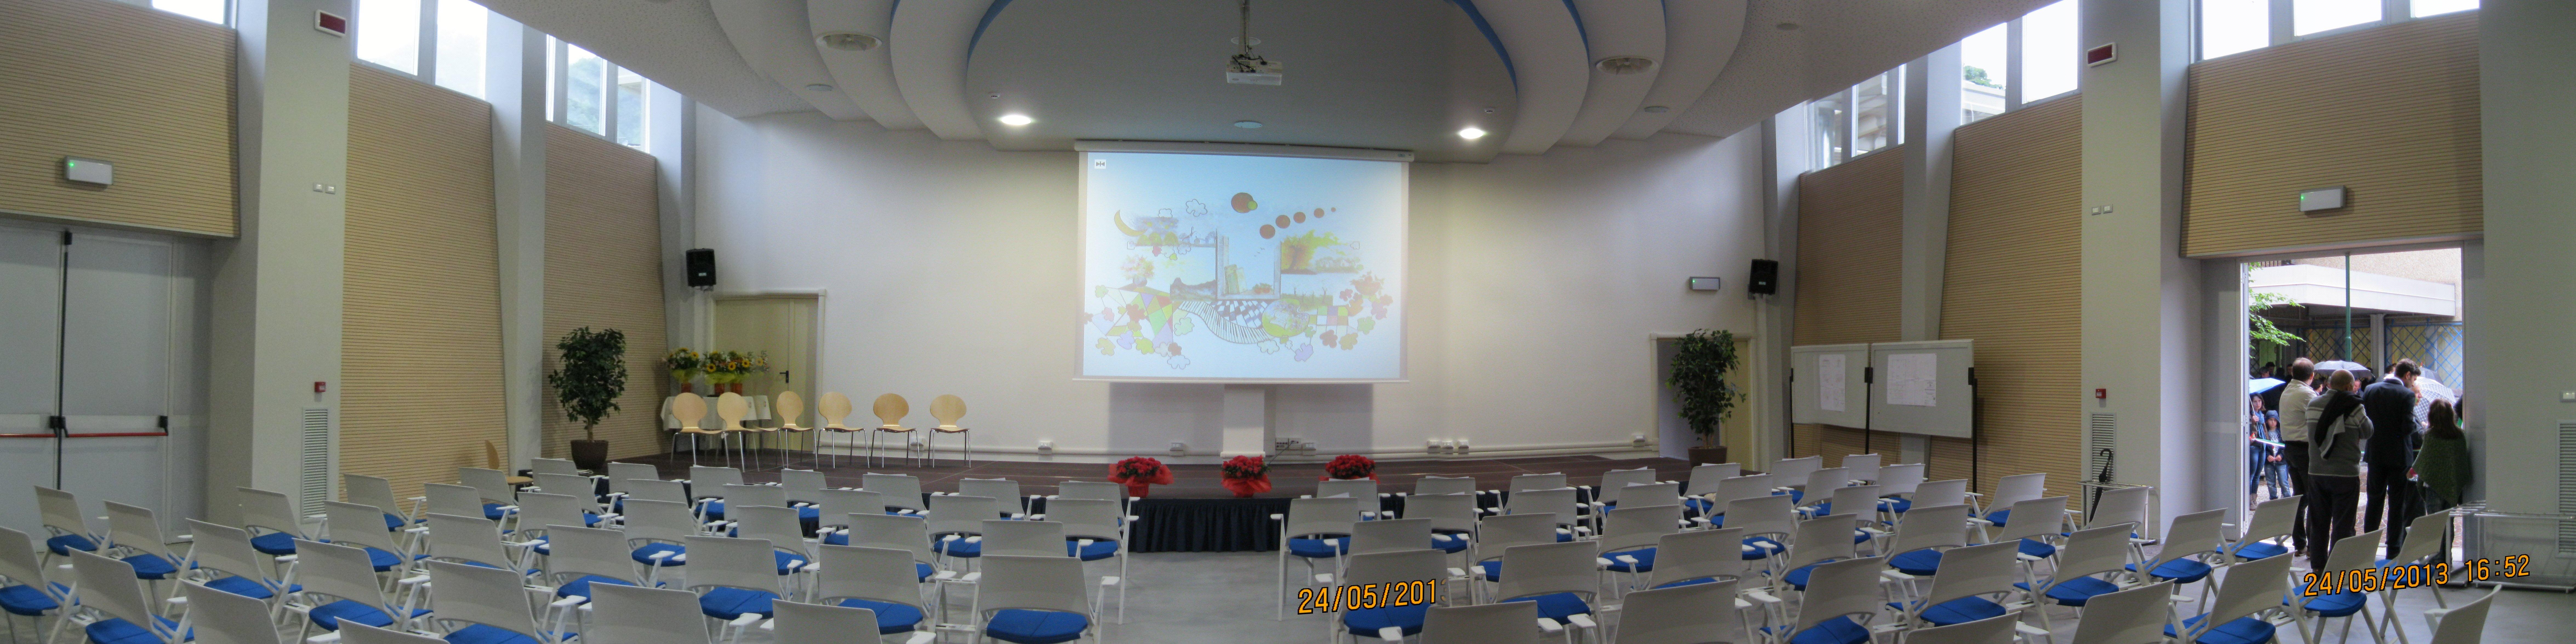 grande sala per conferenze